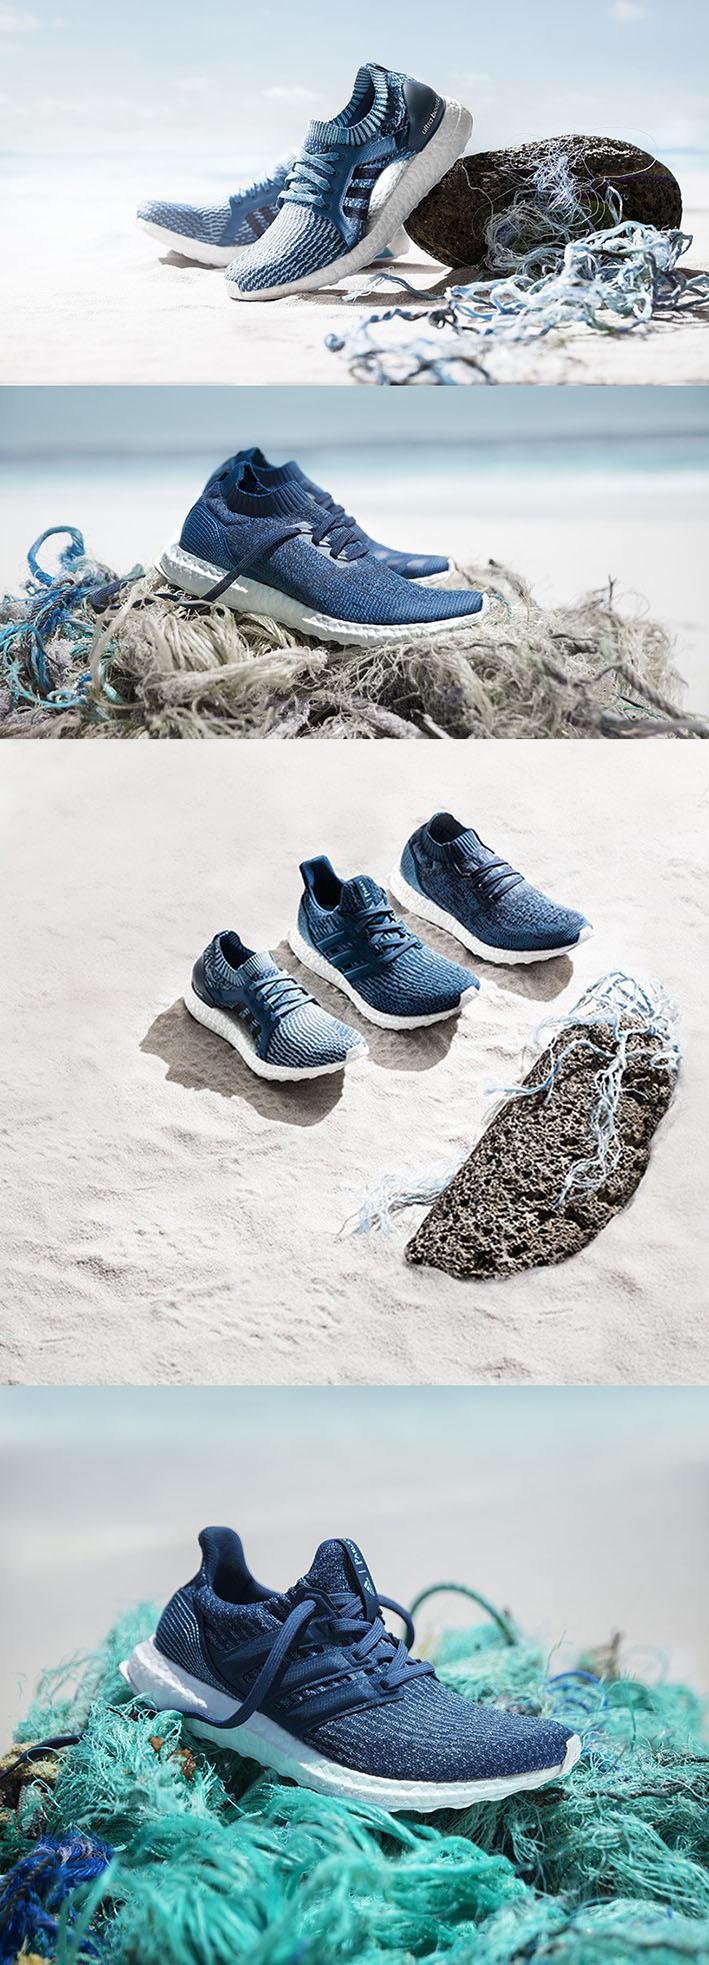 Adidas X Parley lança 3 novos modelos de tênis feitos dos resíduos plásticosretirados do Oceano stylo urbano